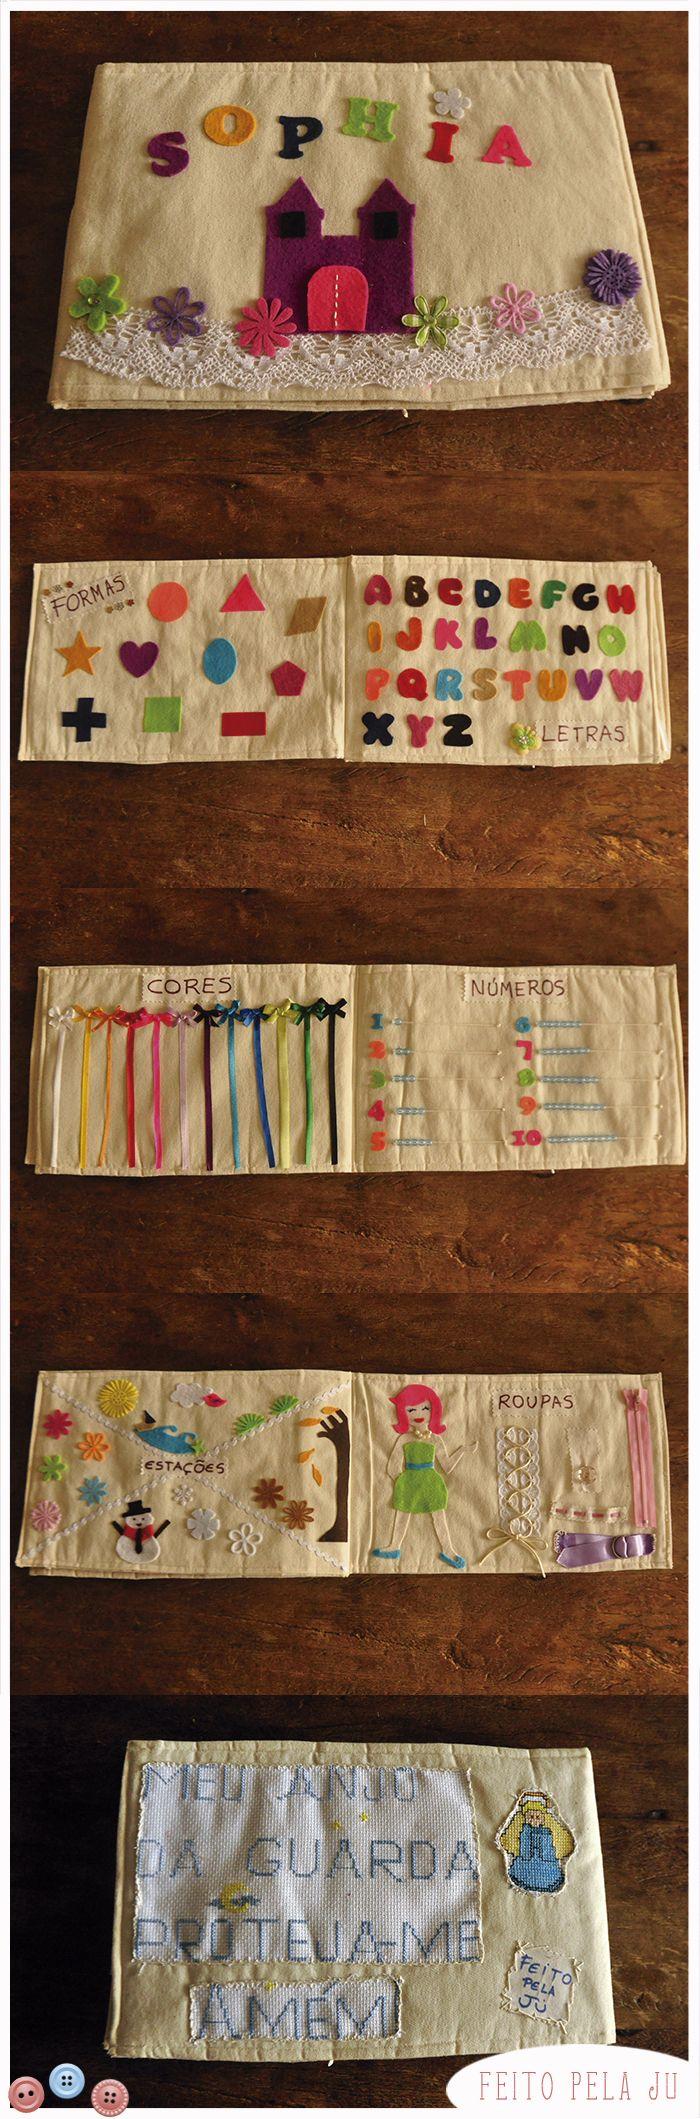 Livro educativo de tecido. Formosura <3 <3 <3